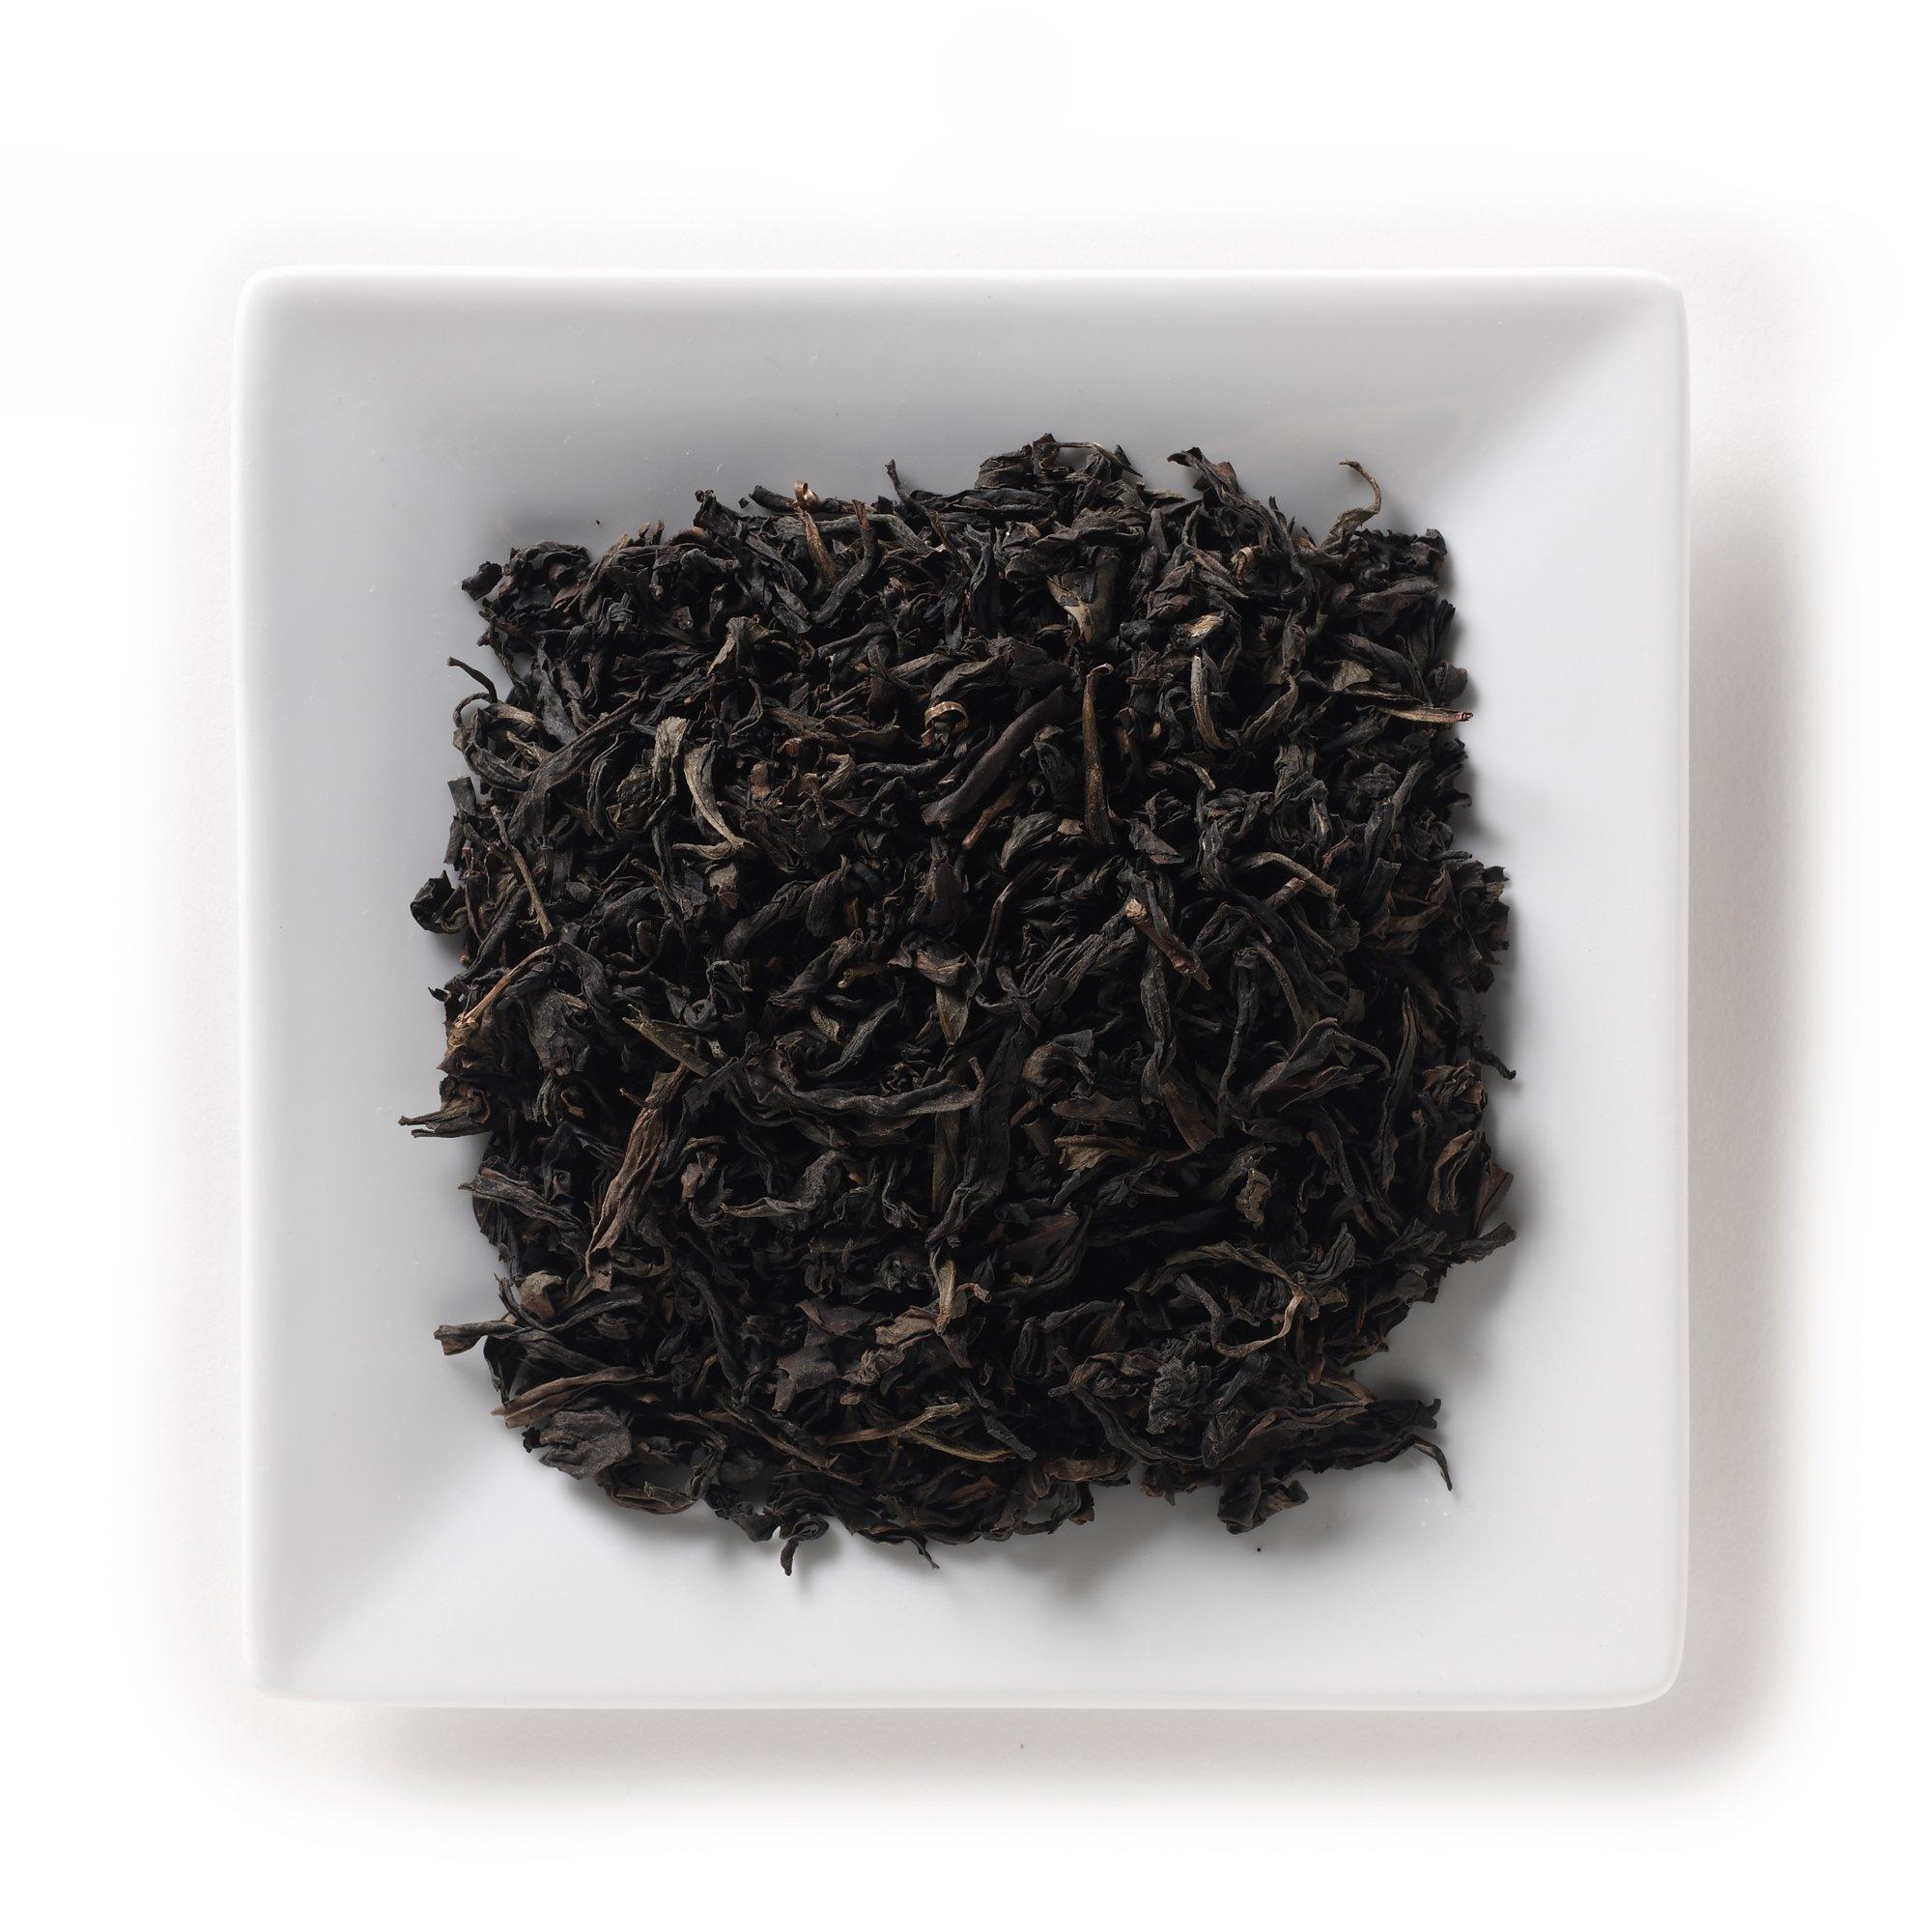 Mahamosa Qilan Wuyuan Oolong Organic Tea 2 oz, Loose Leaf Chinese Oolong Tea (wu long tea, wulong tea)